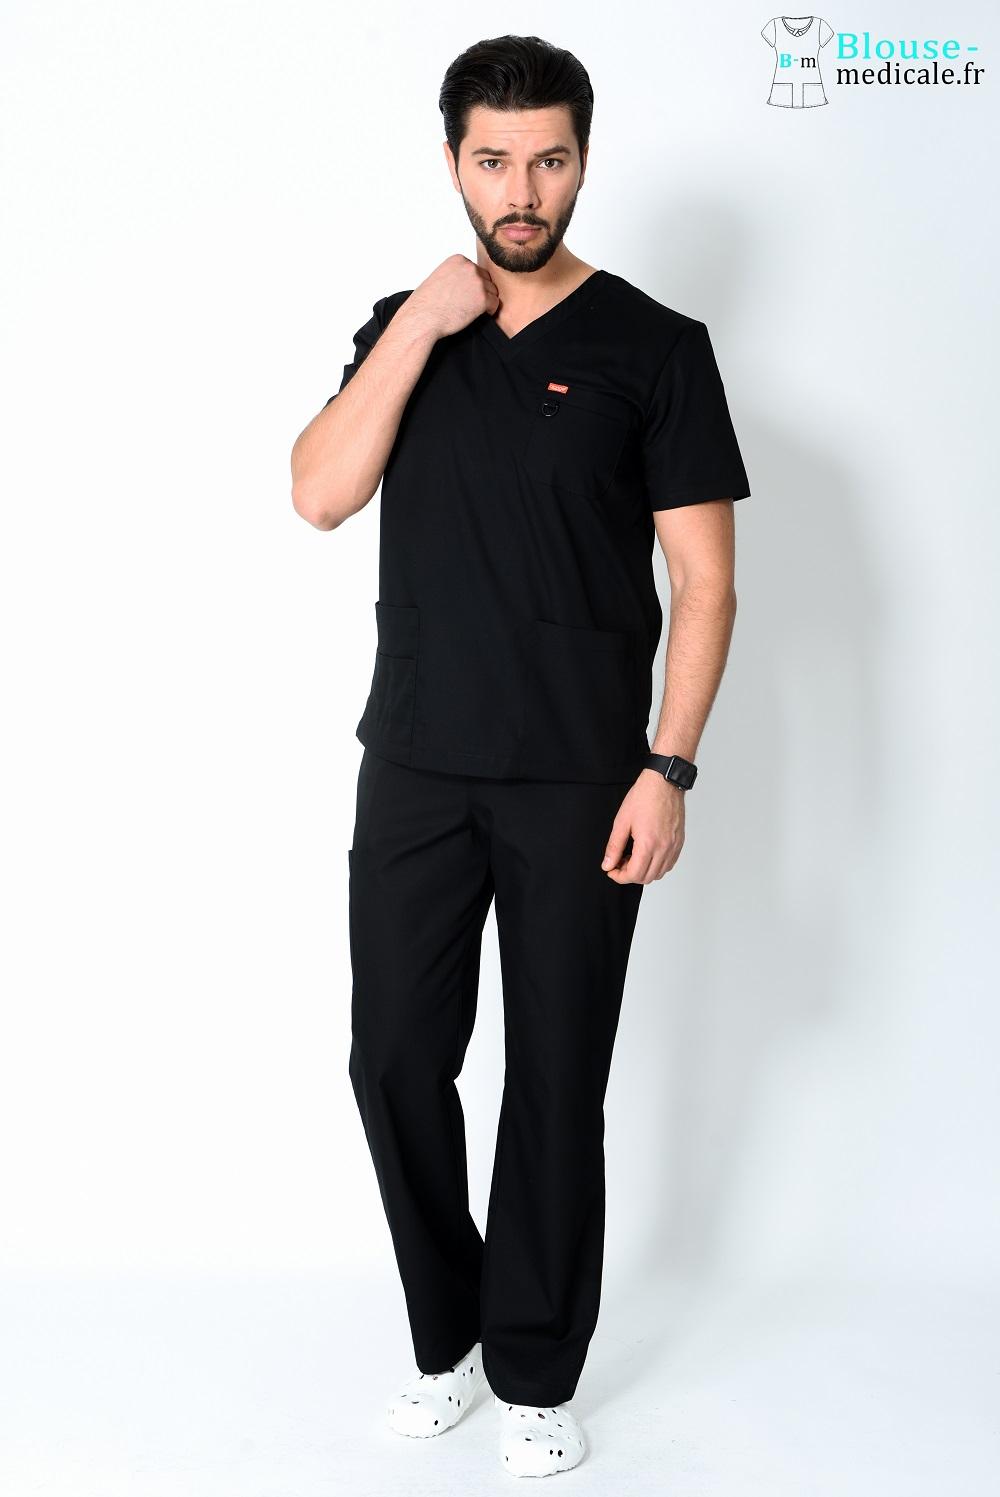 tenue médicale unisexe tenue equipe medicale vétérinaire homme